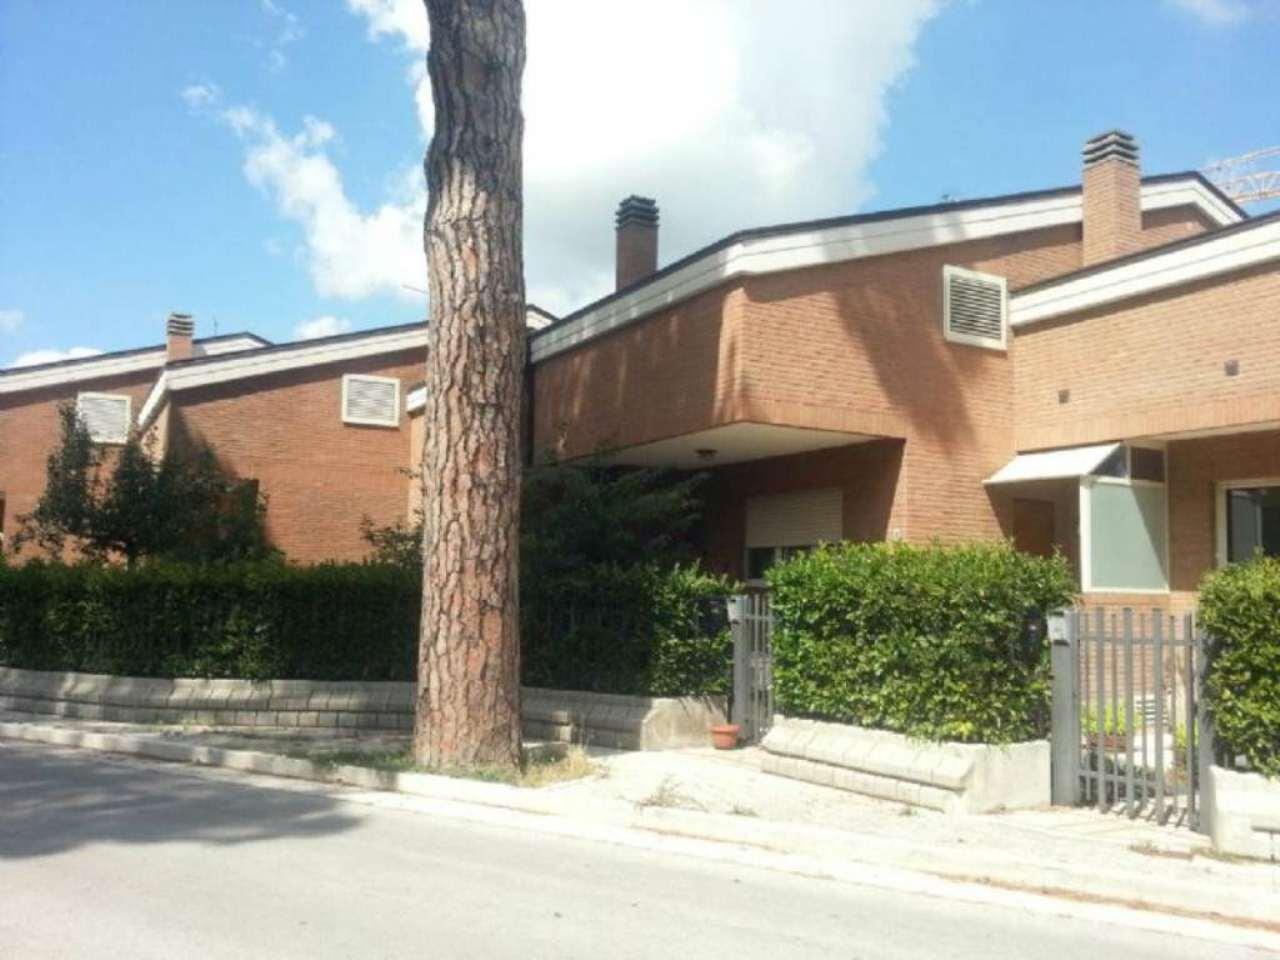 Villa a Schiera in vendita a Campobasso, 7 locali, prezzo € 258.000 | CambioCasa.it